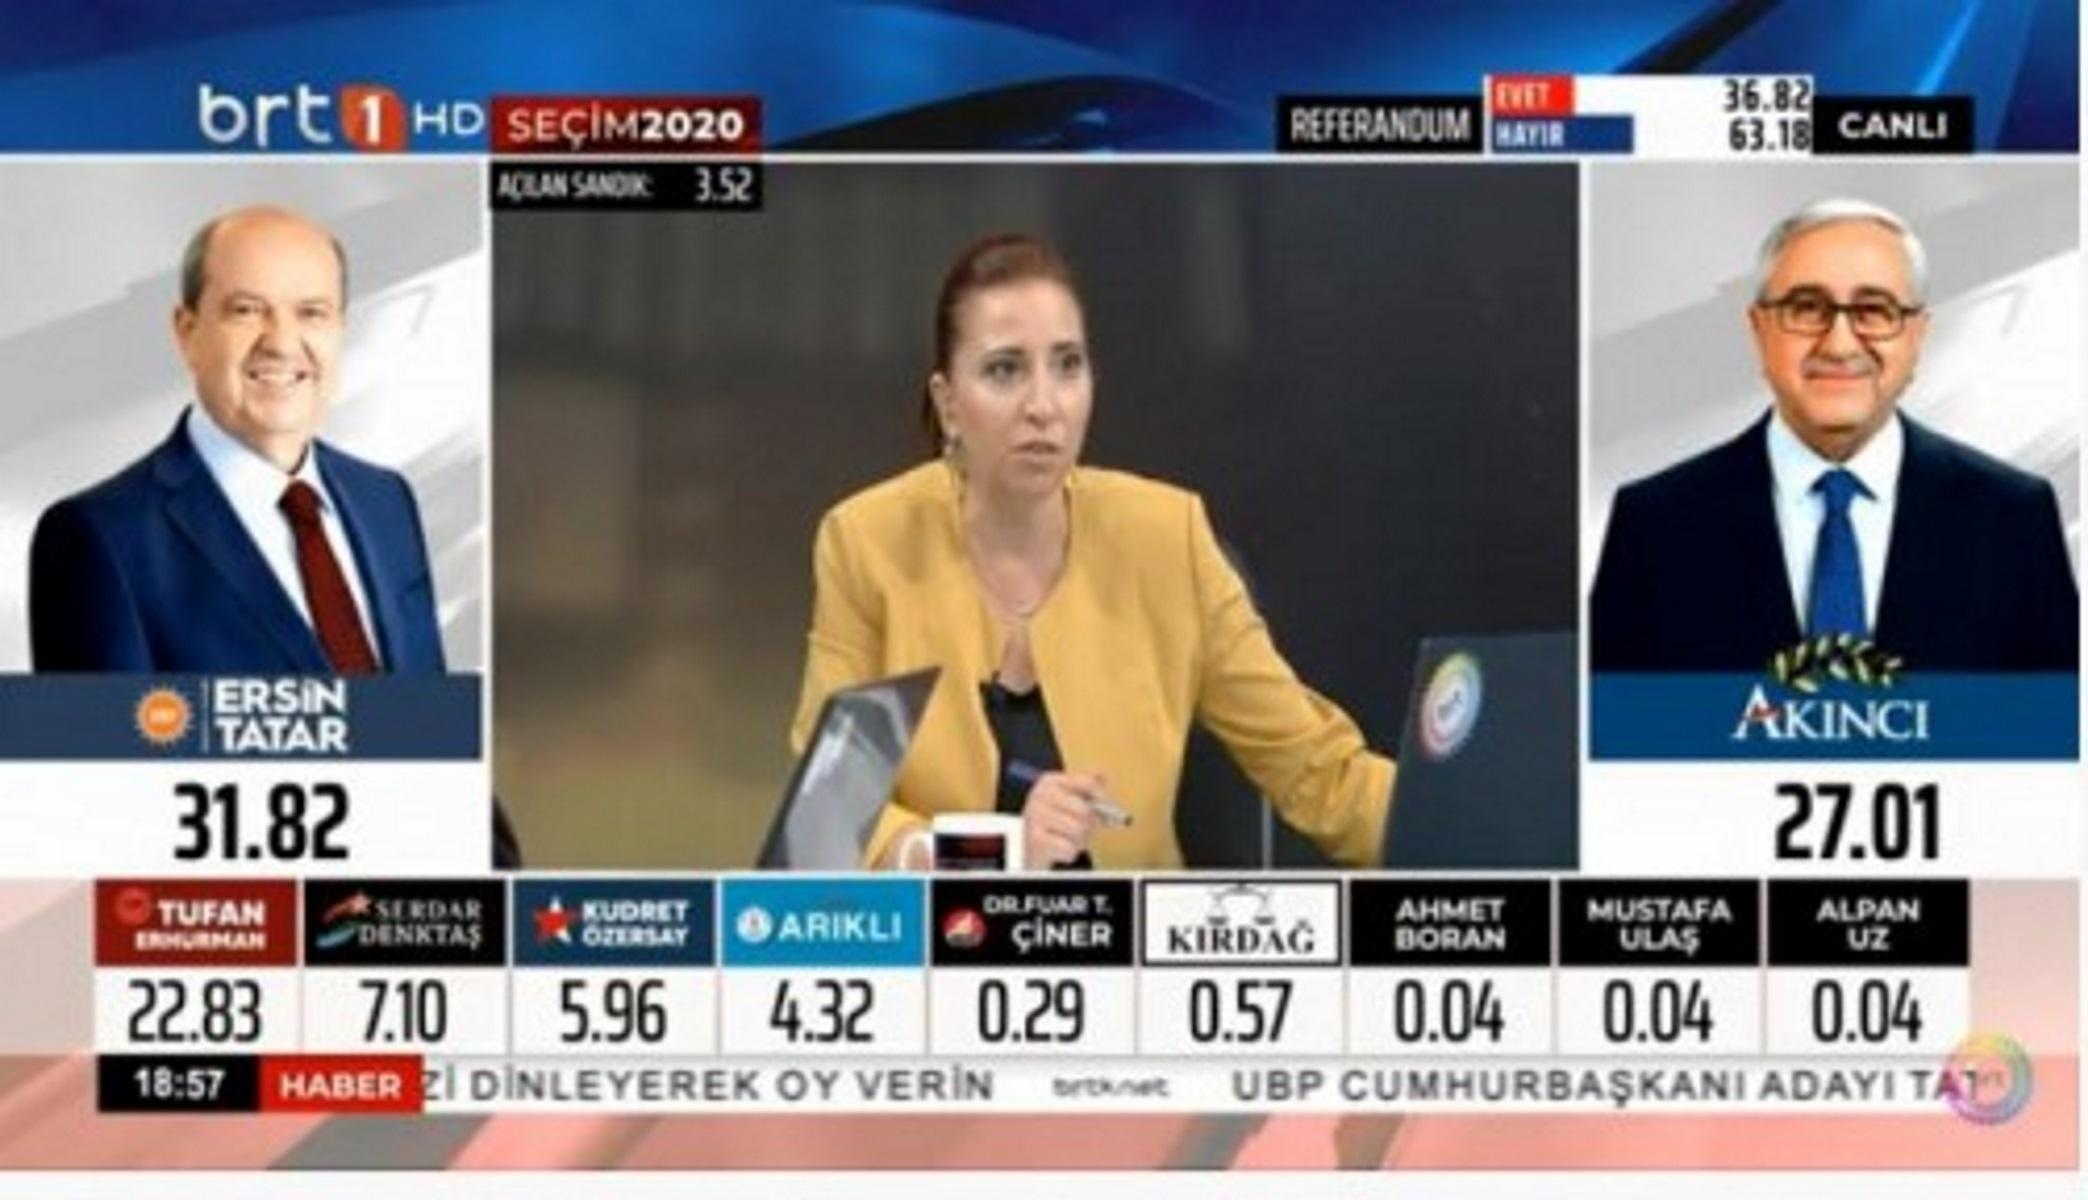 """Κύπρος: Ιστορικό ρεκόρ αποχής στις εκλογές στα κατεχόμενα – Προηγείται ο """"εκλεκτός"""" του Ερντογάν"""